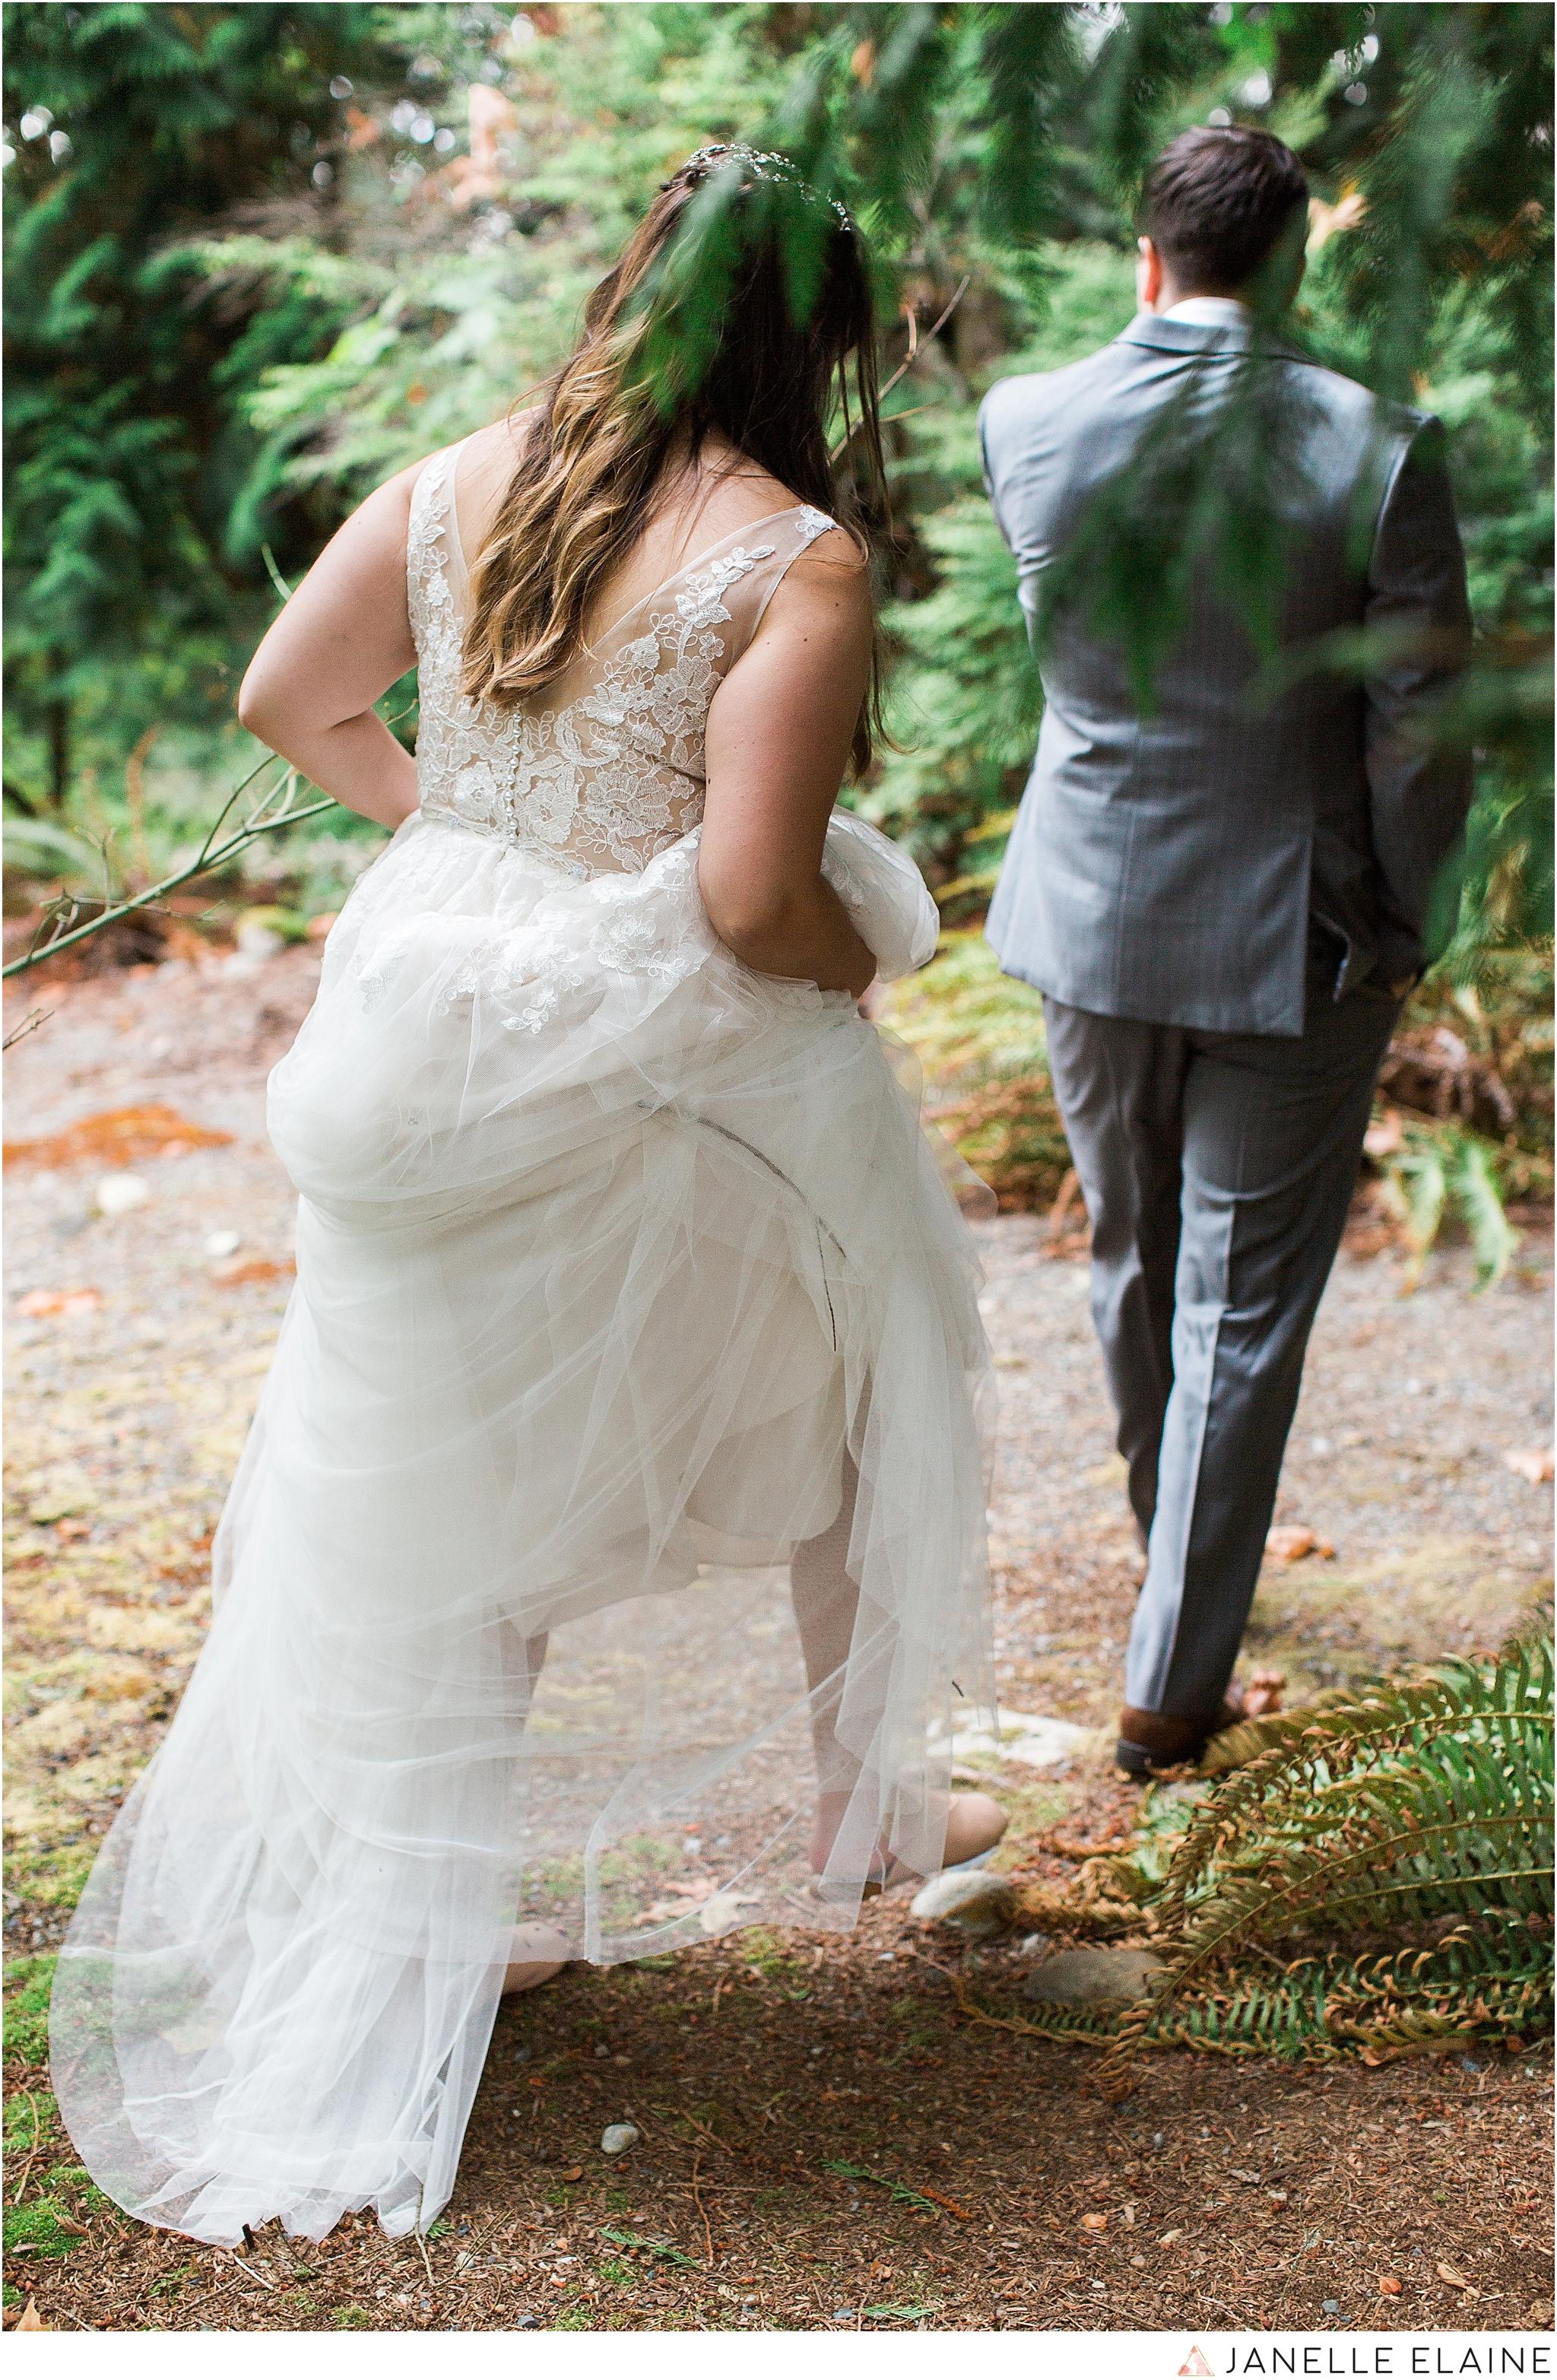 seattle-portrait-engagement-wedding-photographer-janelle-elaine-photography-20.jpg